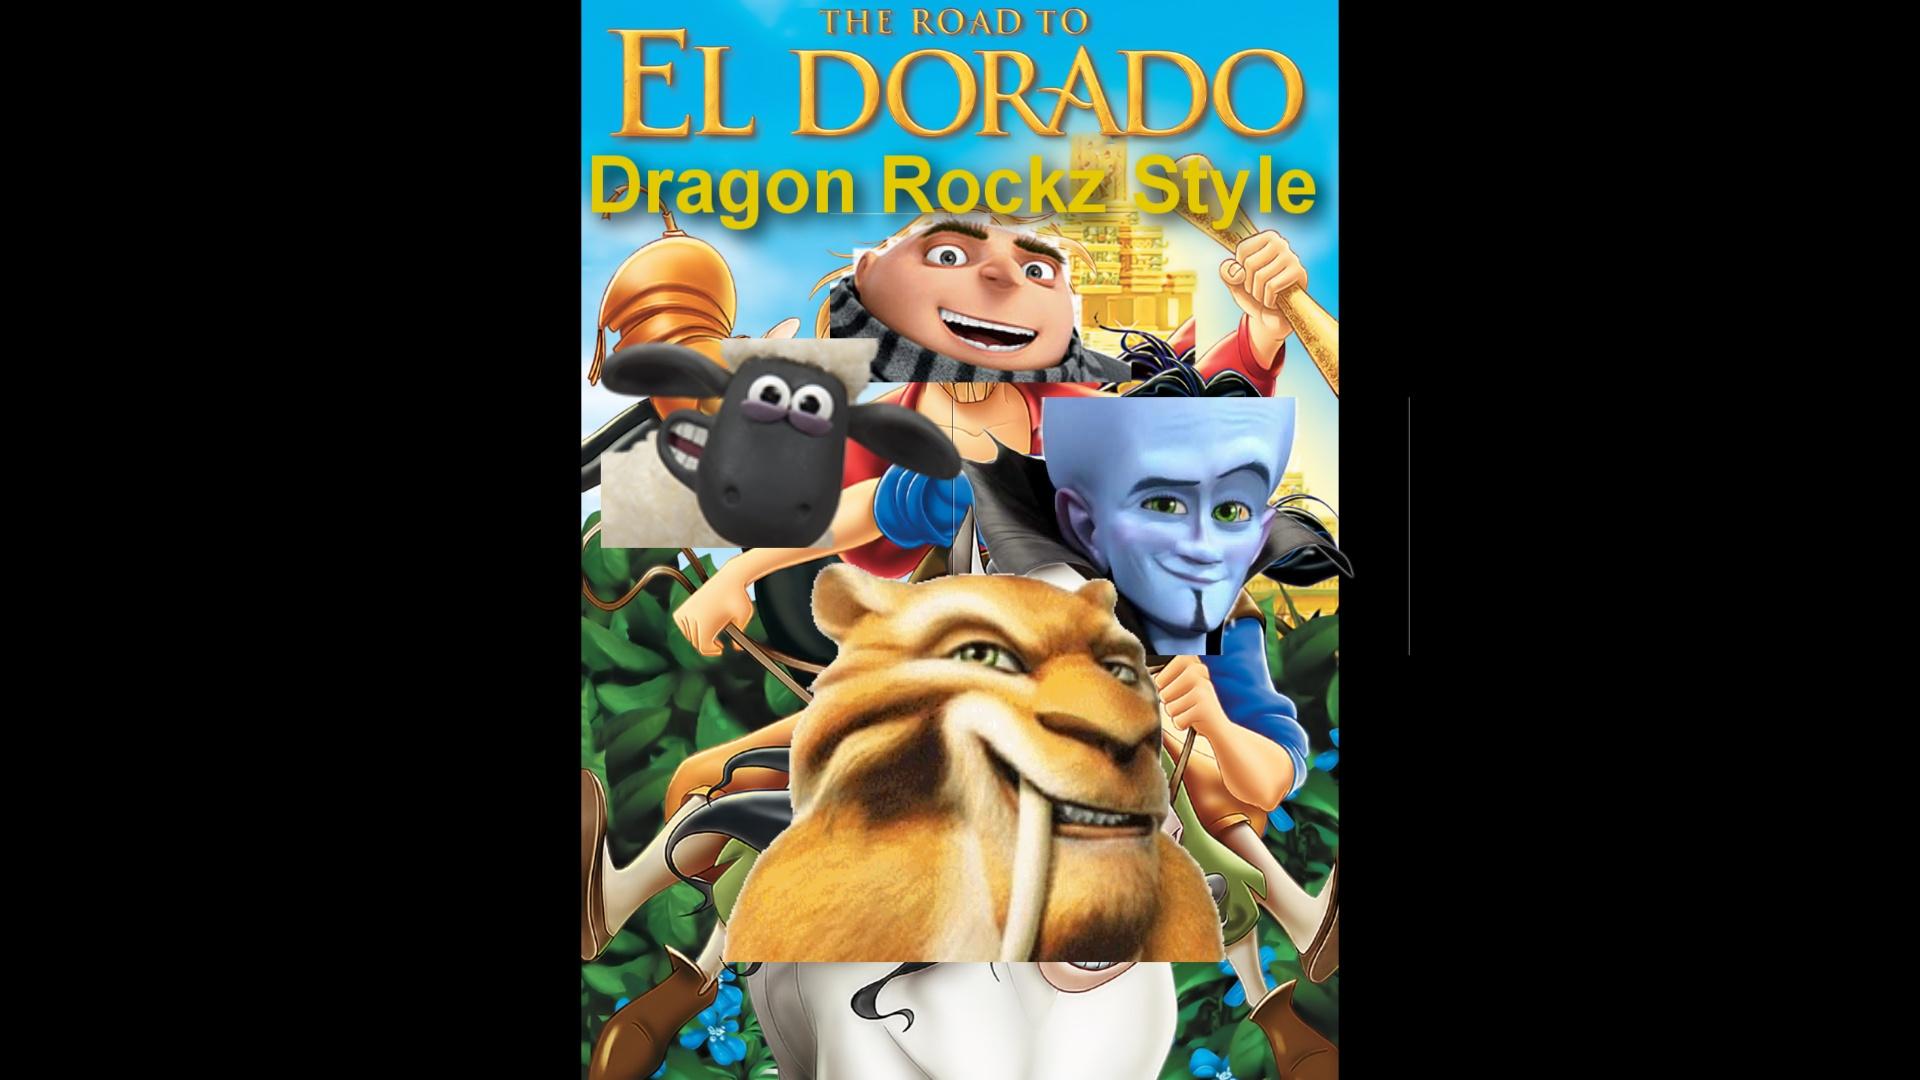 The Road To El Dorado (Dragon Rockz Style)